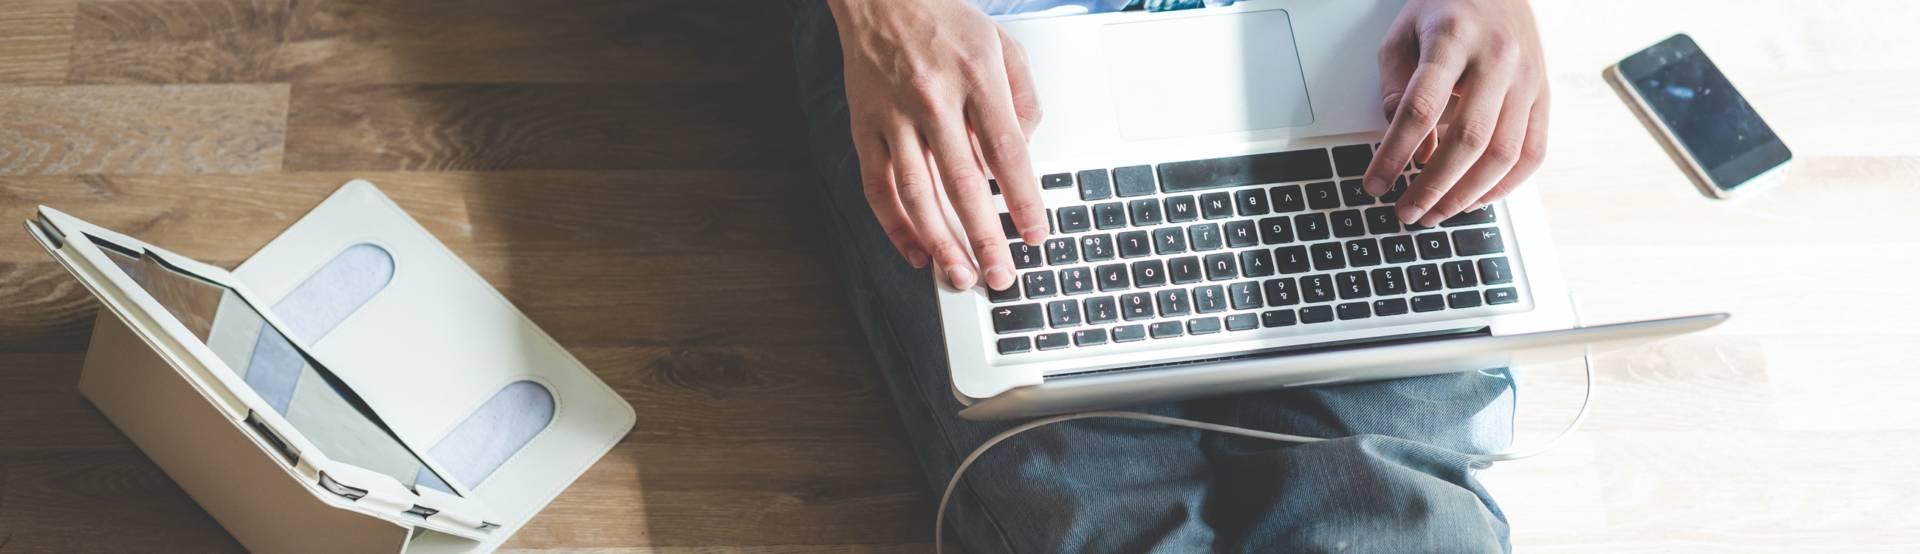 Smart Working per le imprese: il webinar per sapere come affrontare un'emergenza e il post